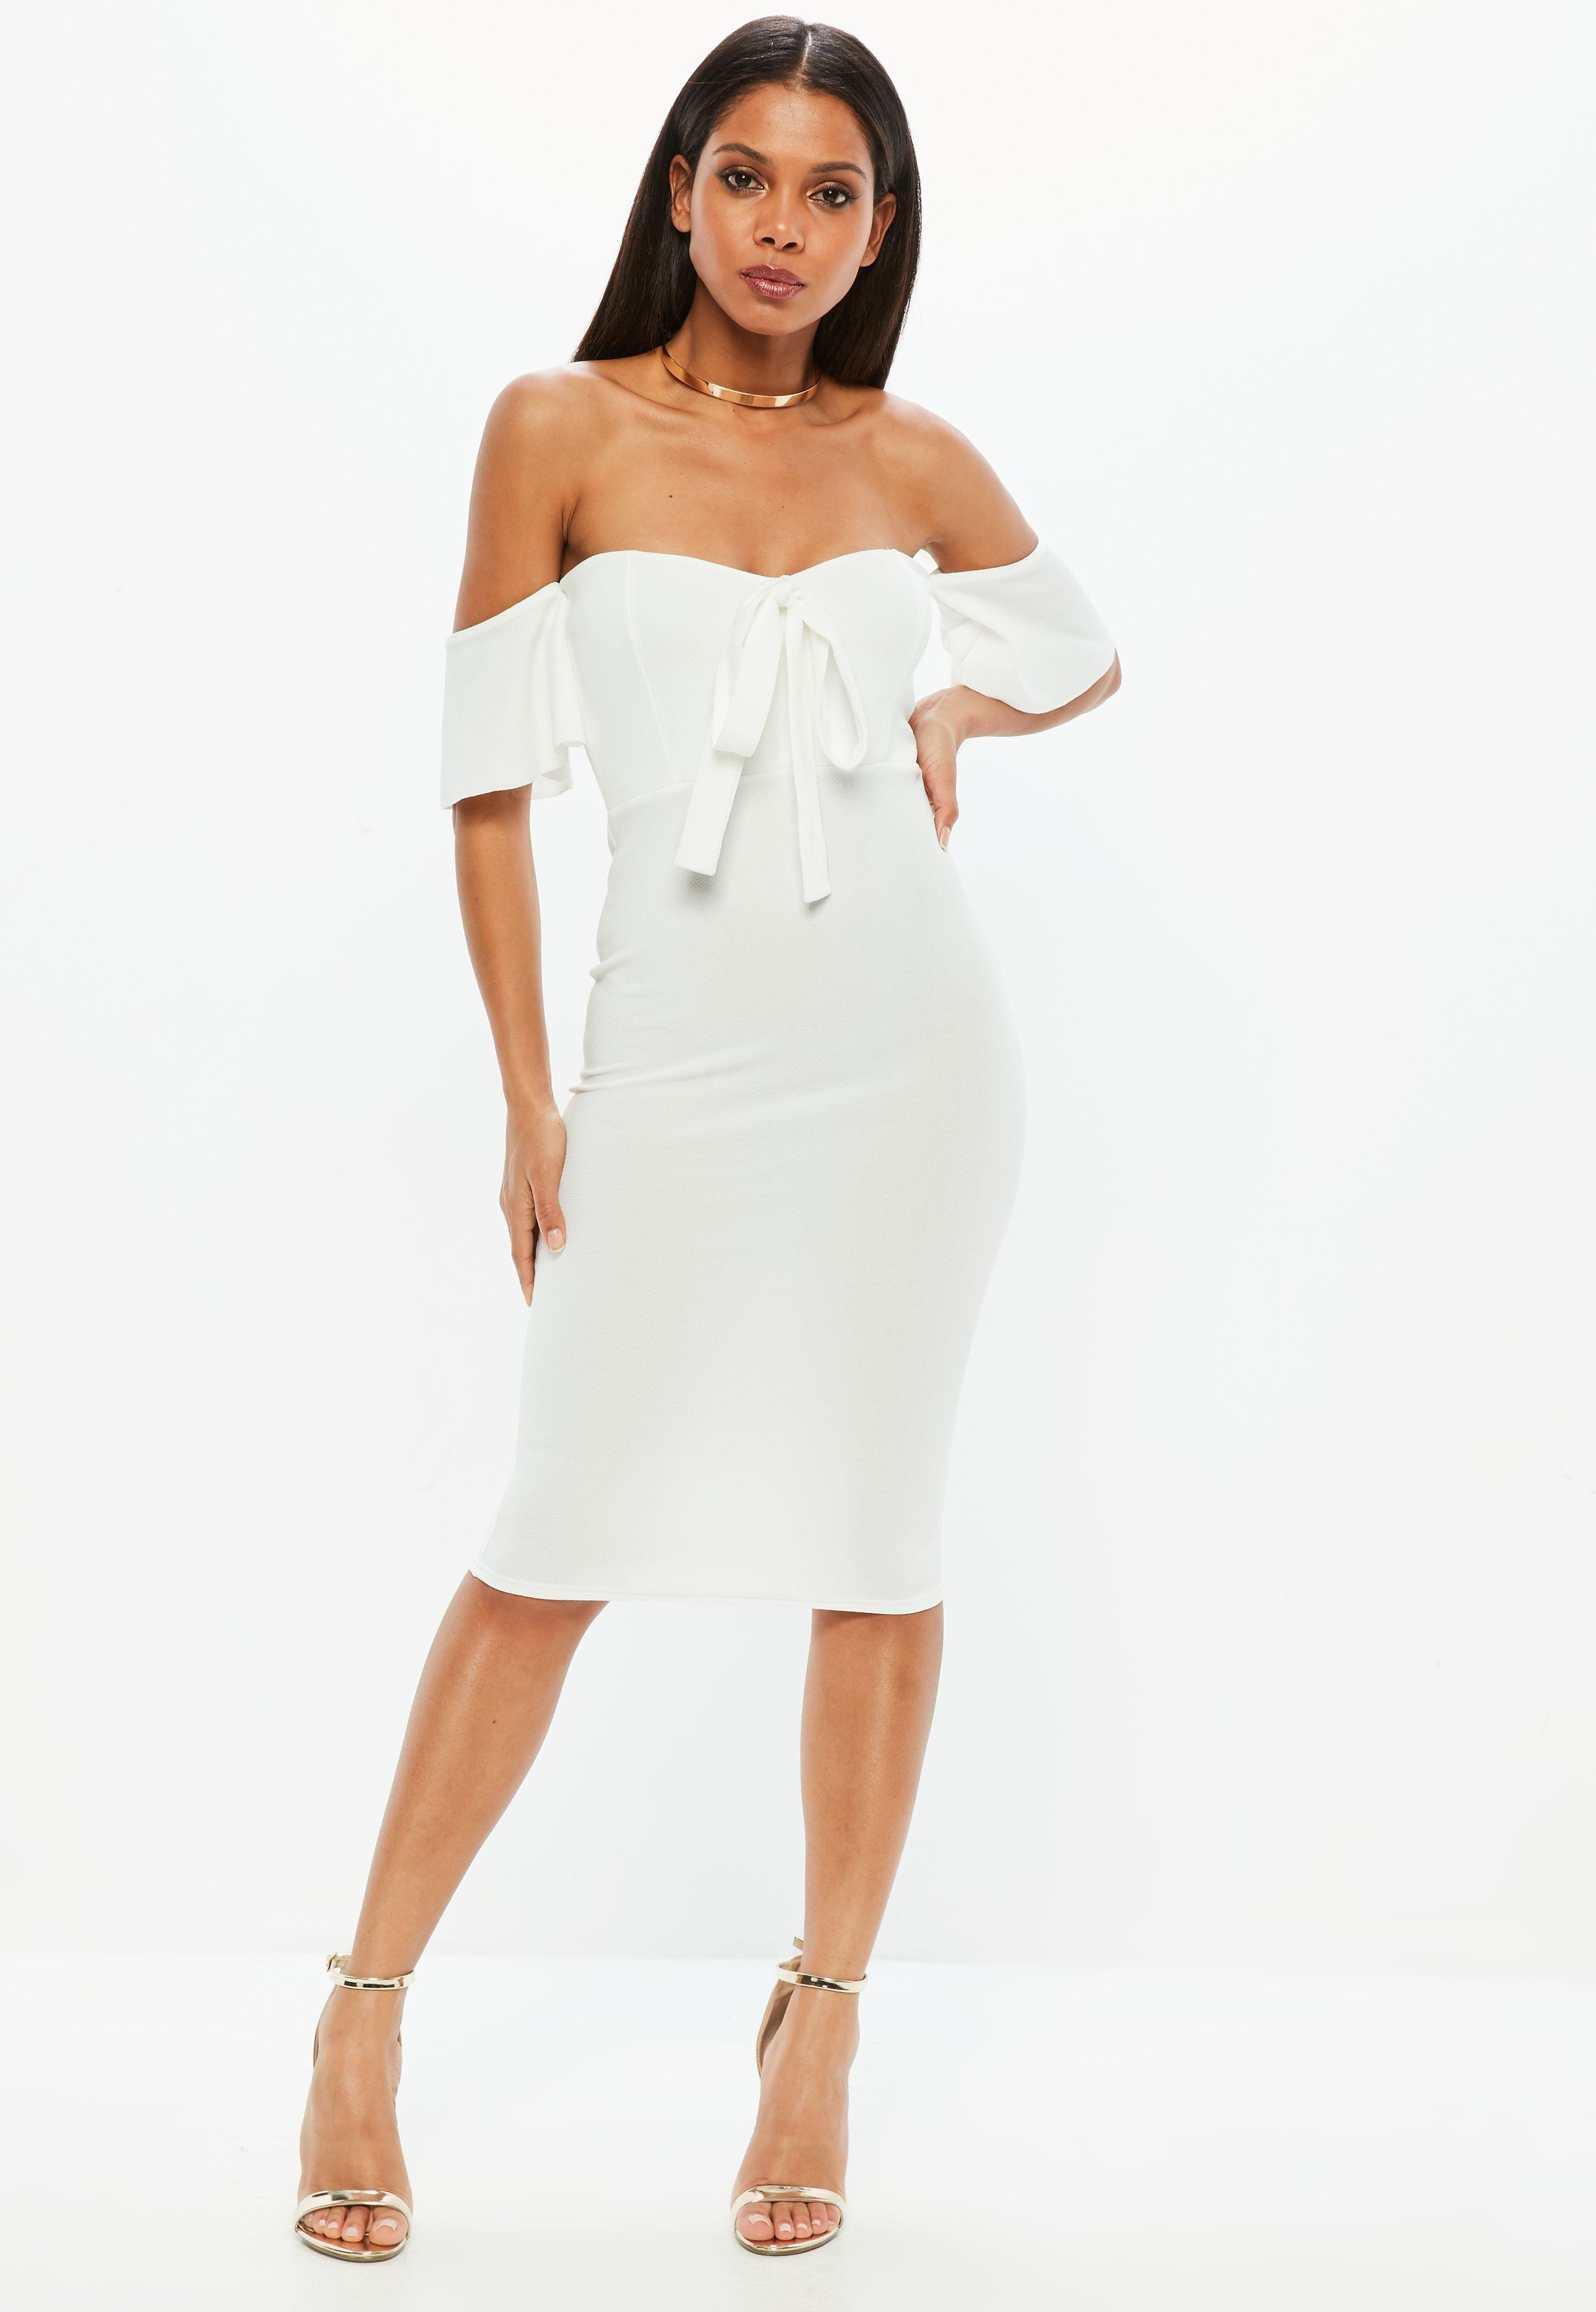 e224819fbf Vestidos para graduacion cortos blanco – Vestidos de fiesta